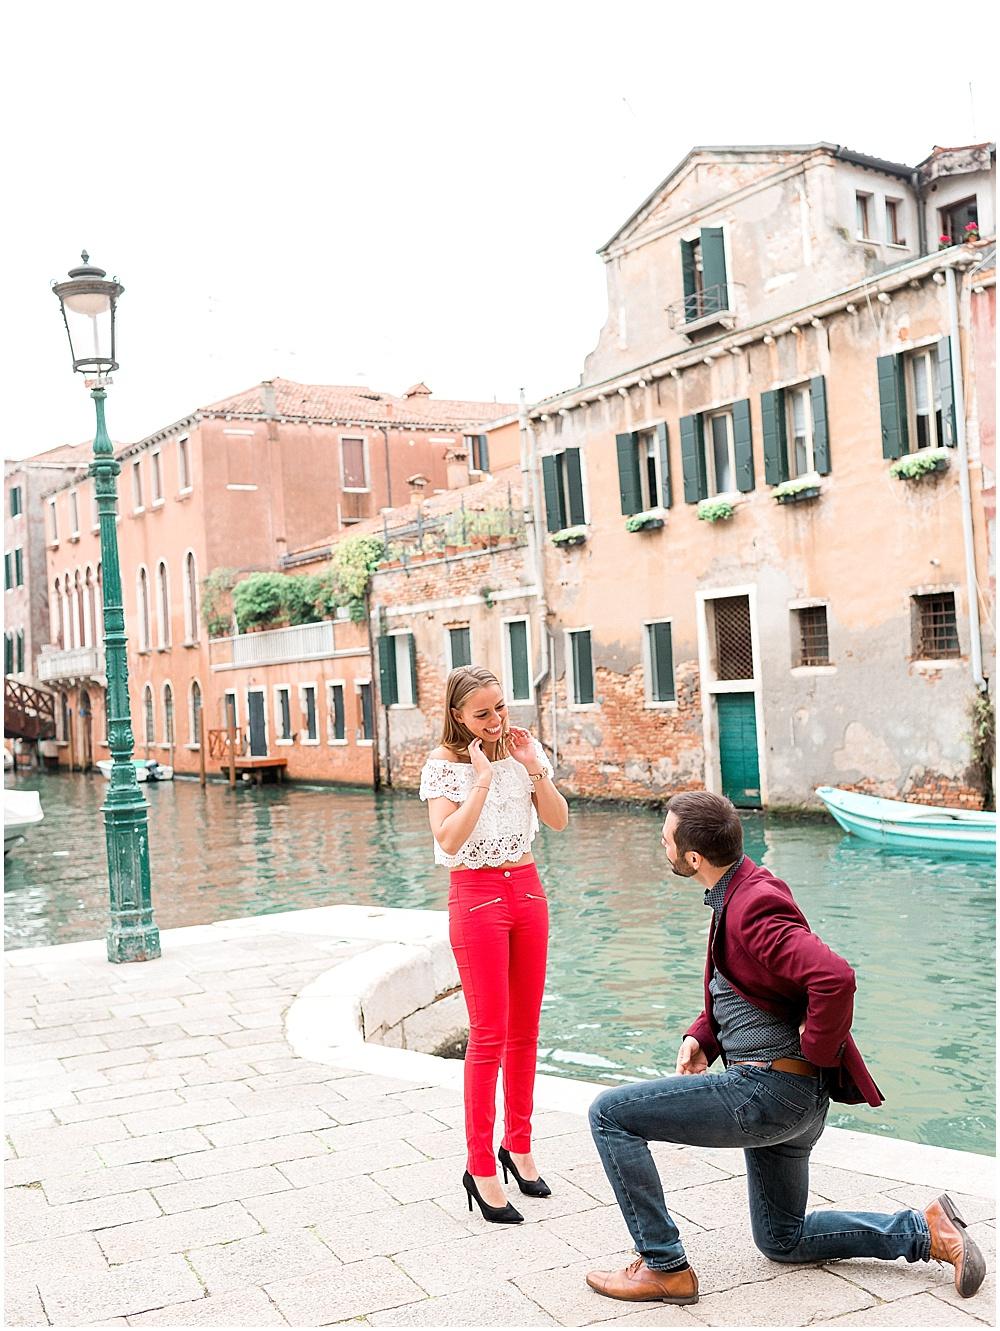 venice-italy-wedding-proposal-gondola-sunset-photoshoot16.jpg